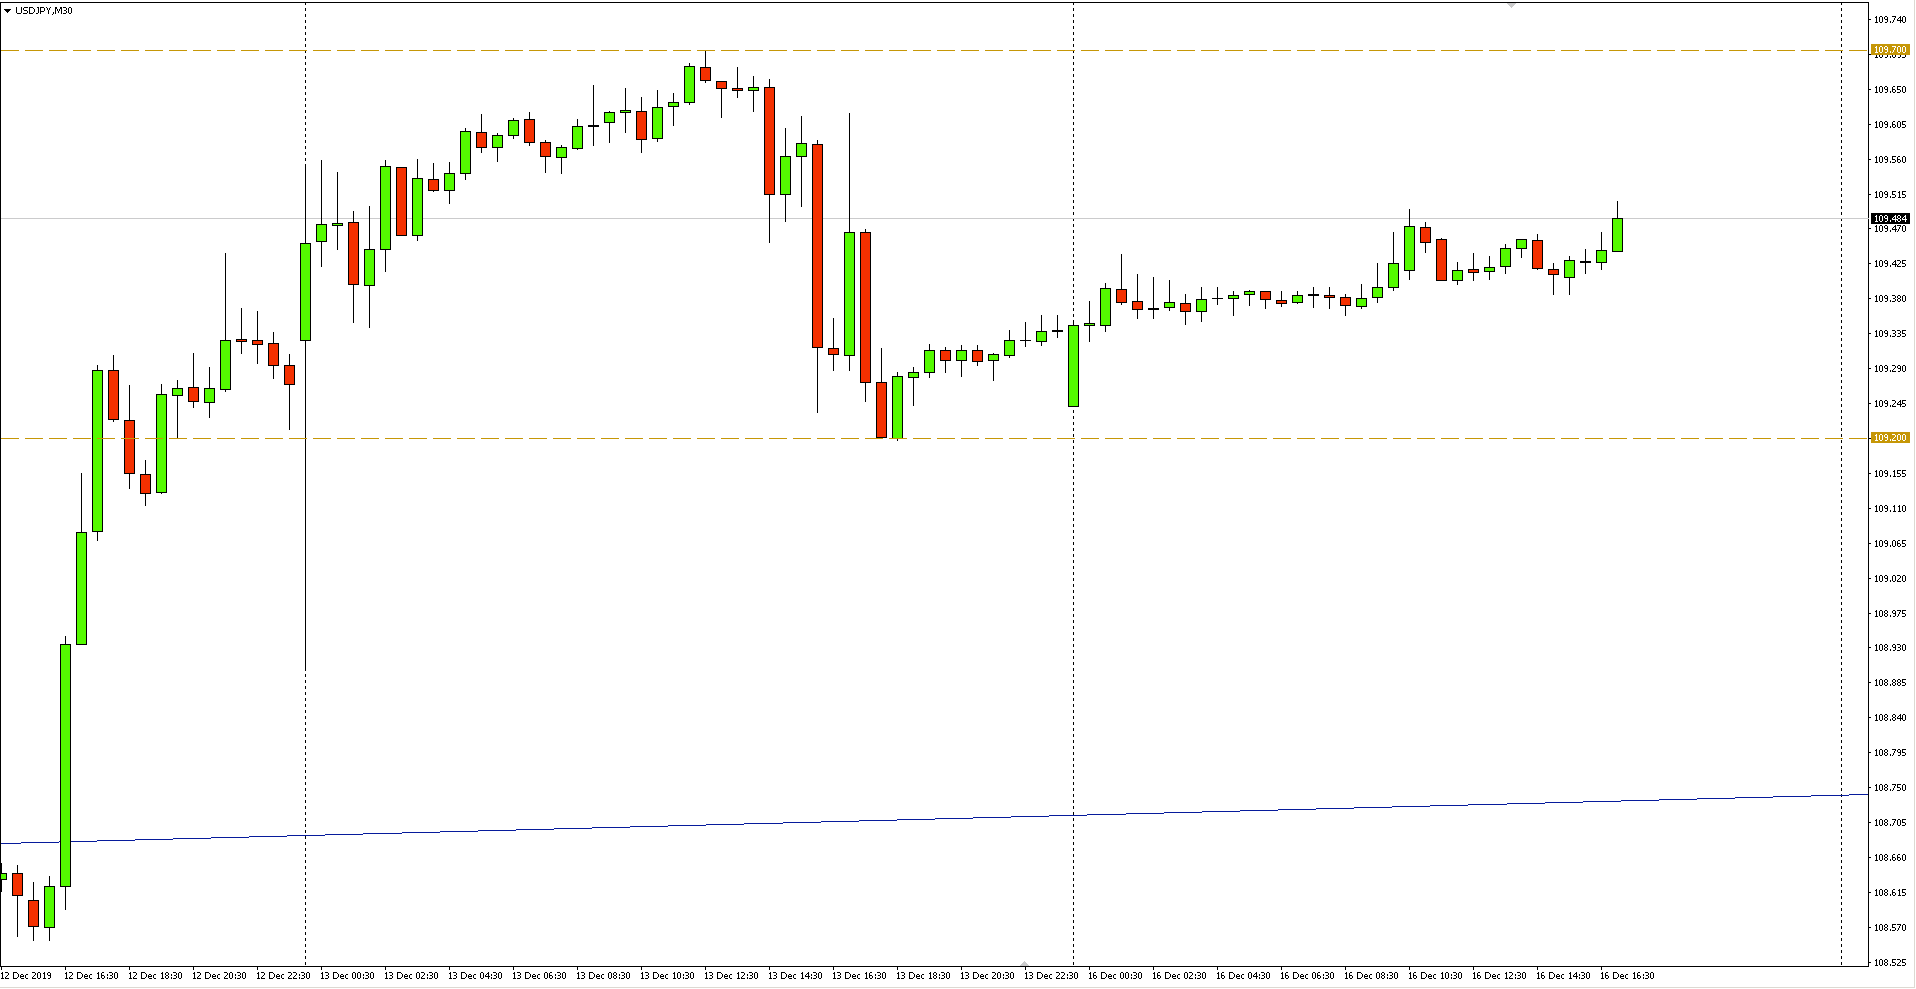 Wykres 30-minutowy pary walutowej USDJPY - 16.12.2019 r.